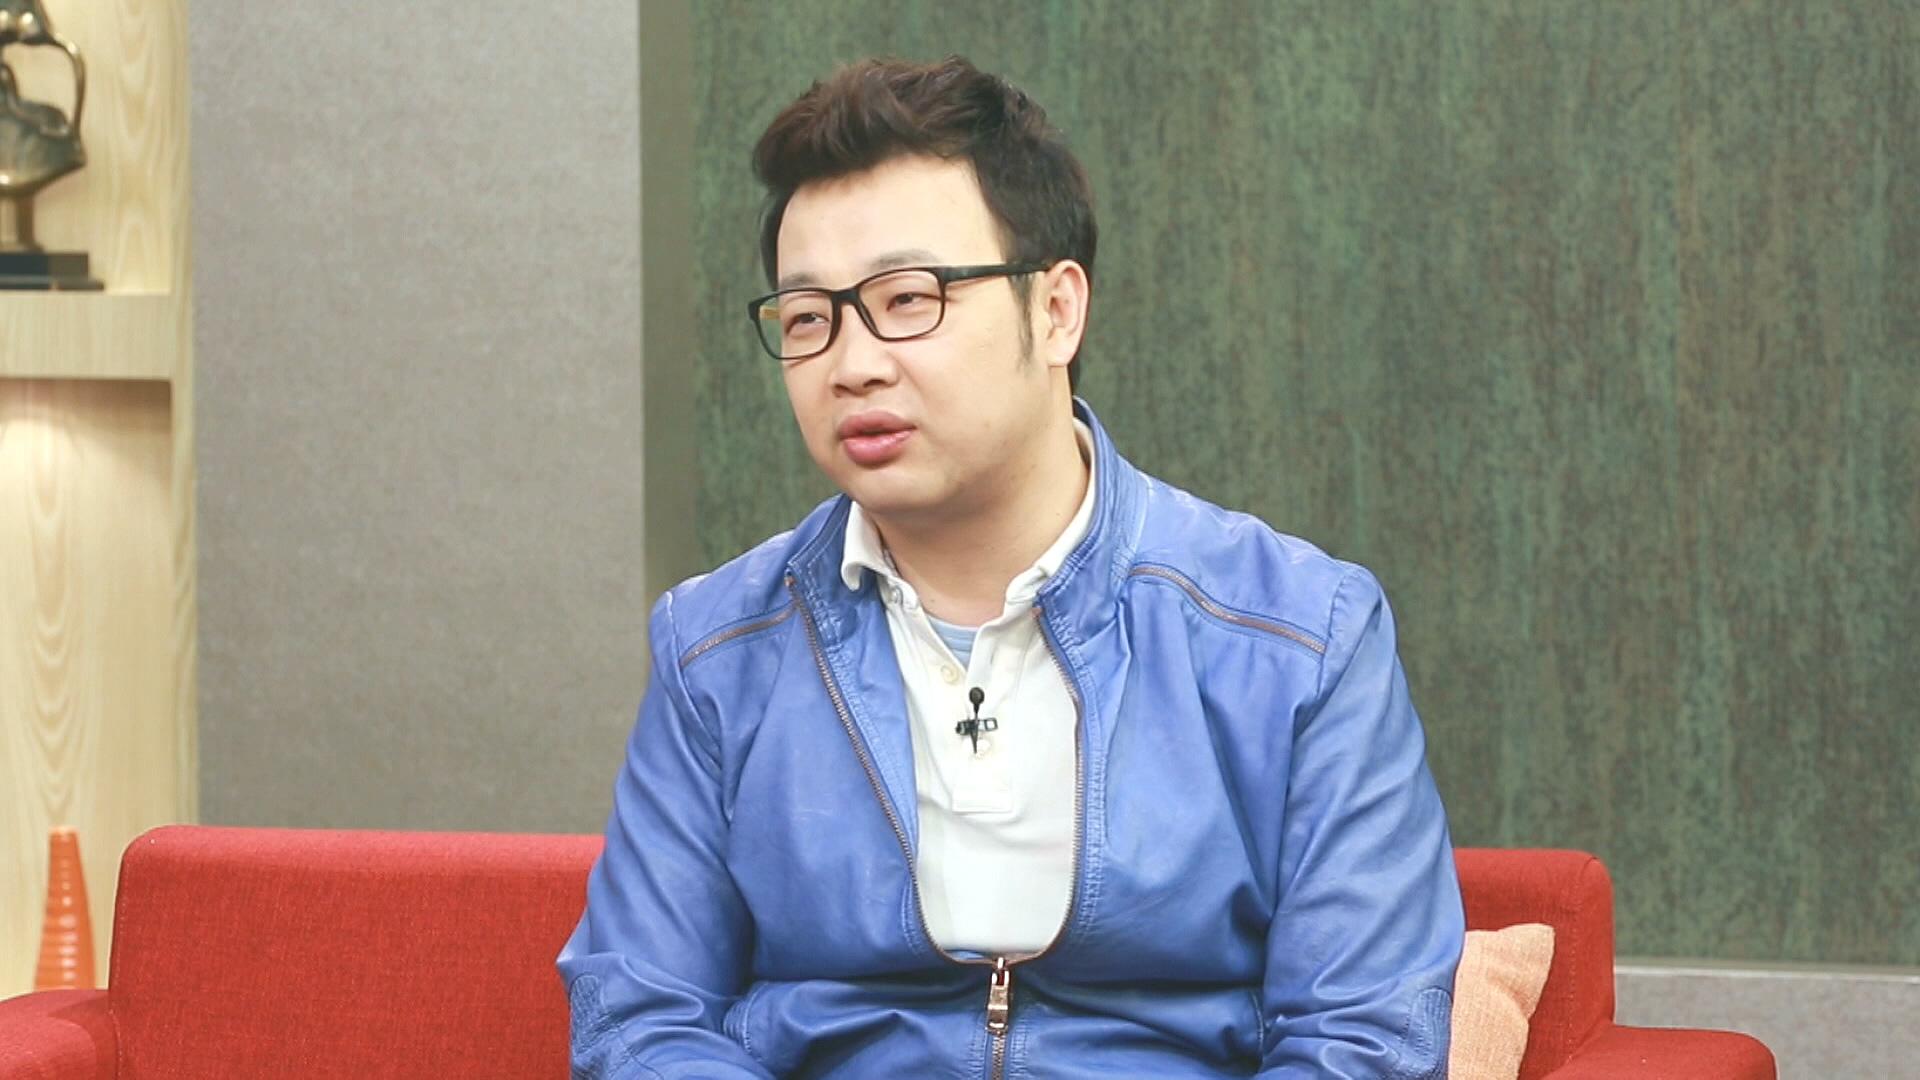 방송을 쉬지 않고 달릴 수 있었던 이유 :: 개그맨 권재관